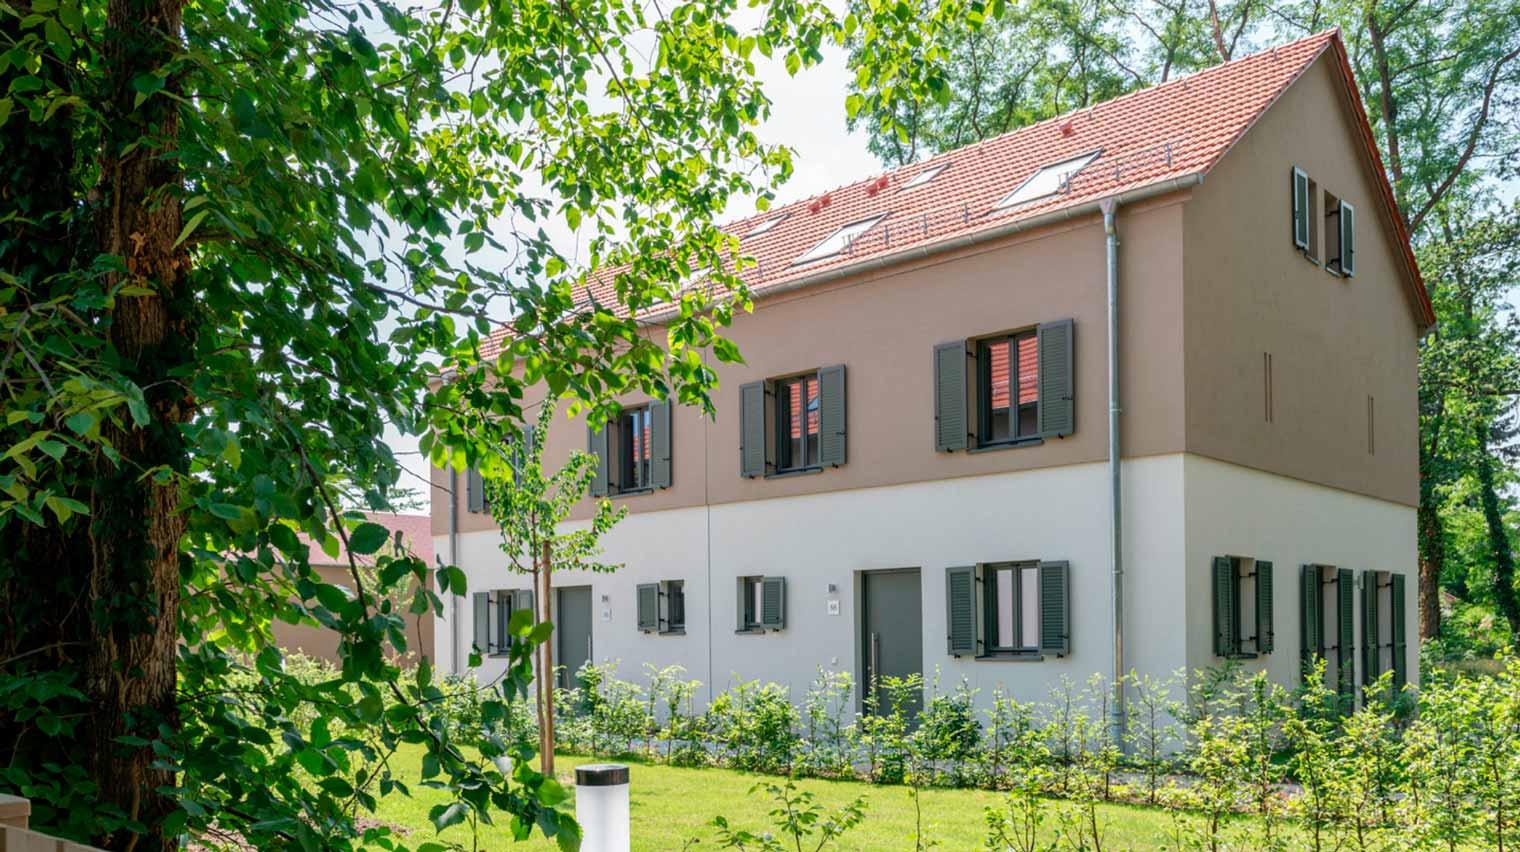 21st Century Gartenstadt® – Wohnen im Schlosspark in Güterfelde bei Berlin